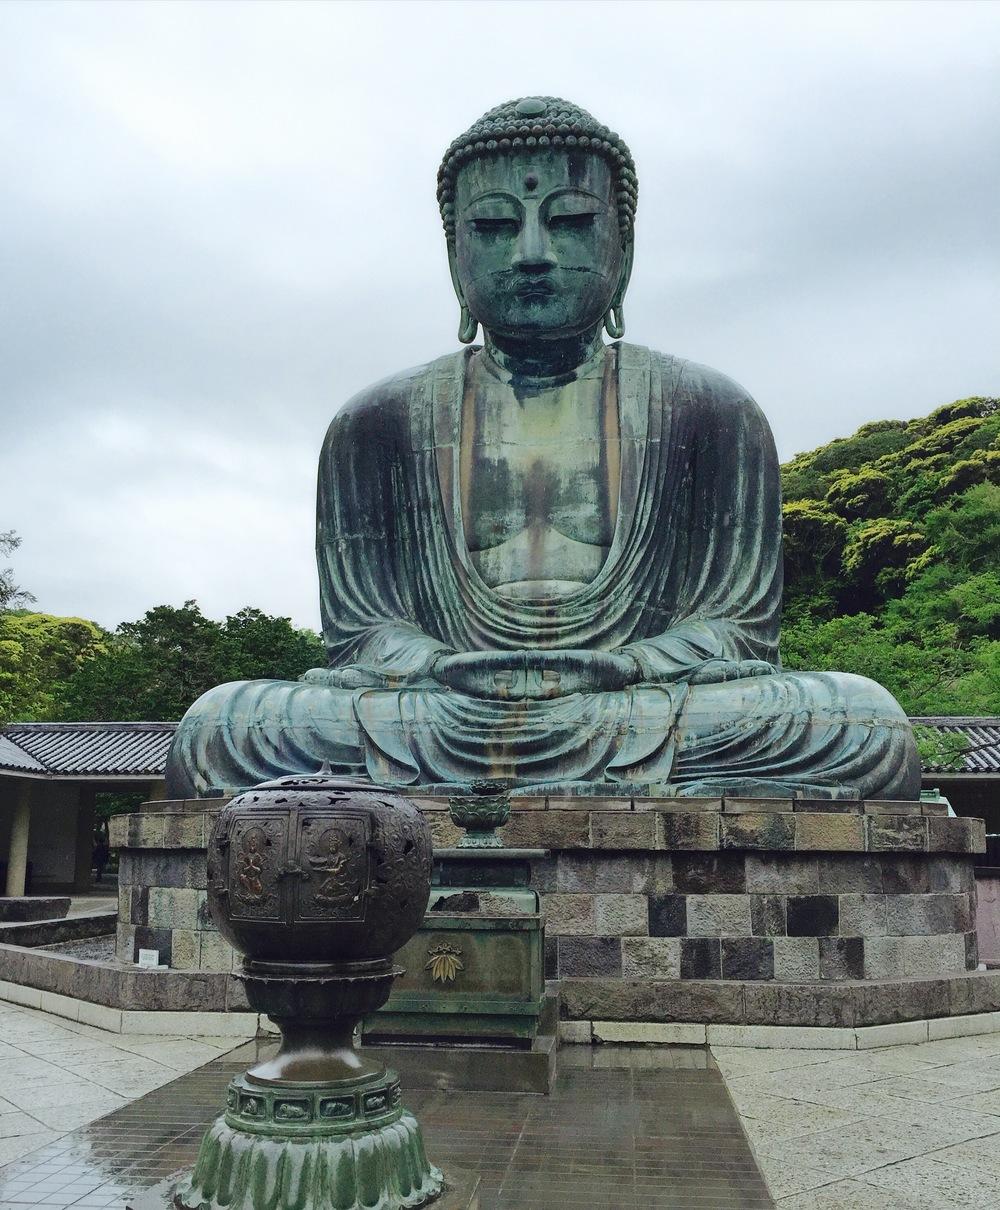 The Great Buddha - Kamakura Japan - Domo Arigato